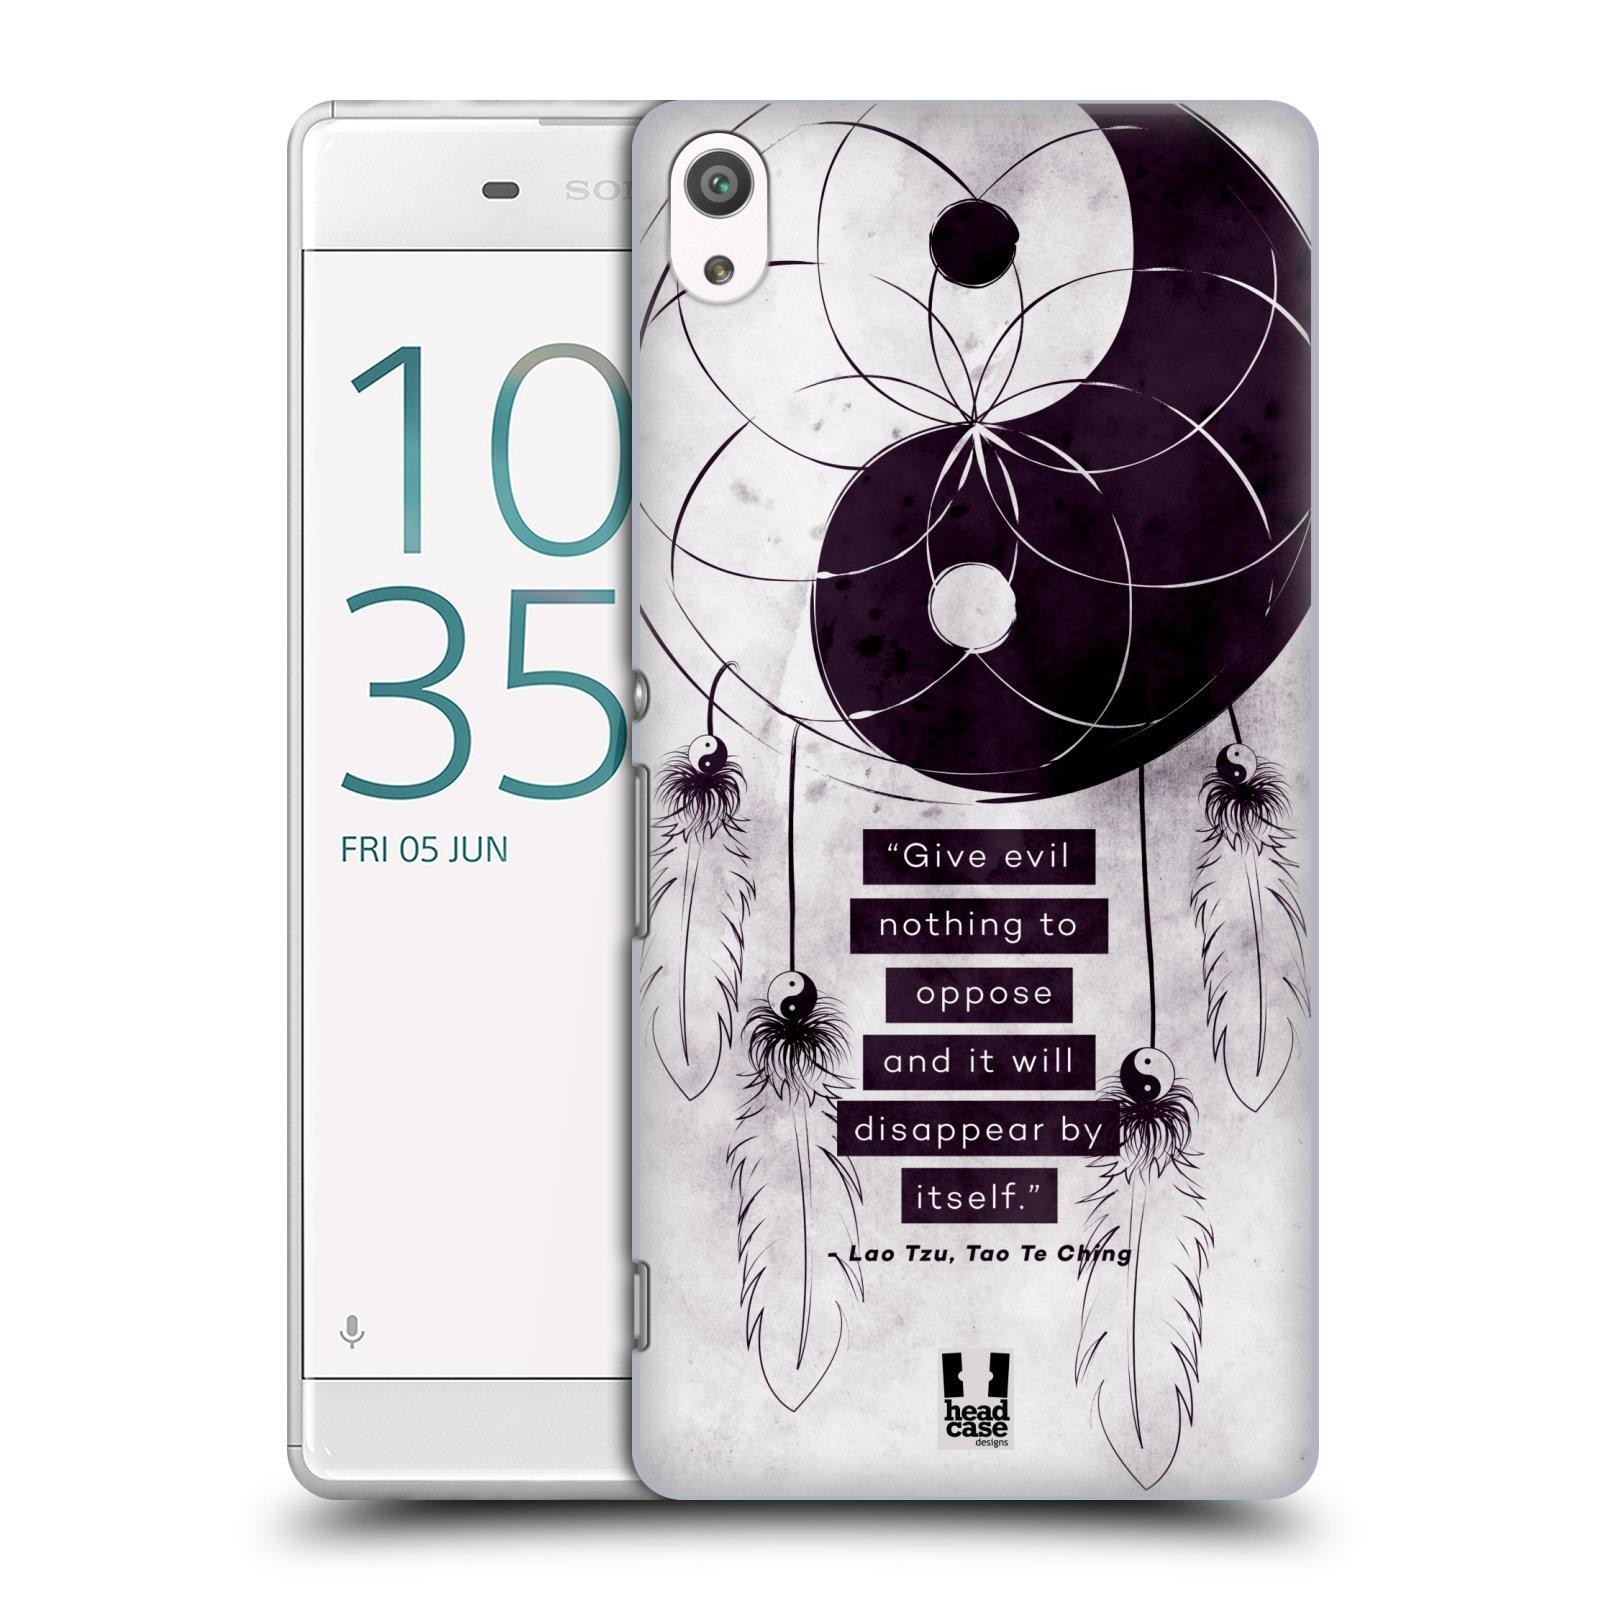 Plastové pouzdro na mobil Sony Xperia XA Ultra HEAD CASE Yin a Yang CATCHER (Plastový kryt či obal na mobilní telefon Sony Xperia XA Ultra F3211)